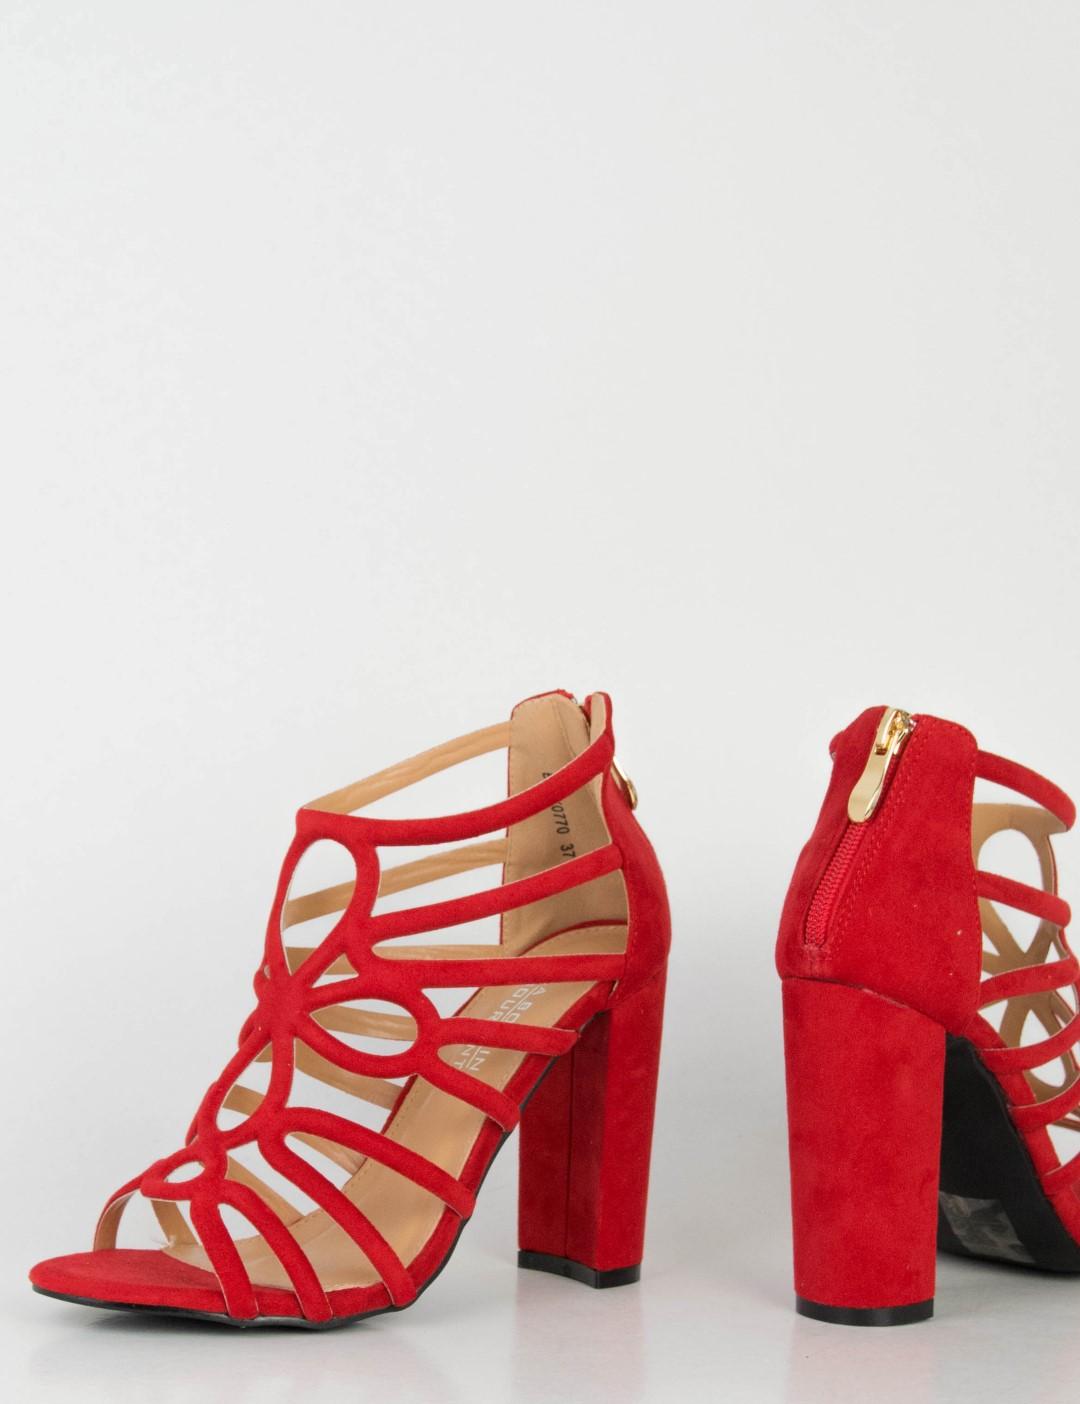 37cfc10009e Γυναικεία κόκκινα σουέντ πέδιλα χοντρό τακούνι 0770